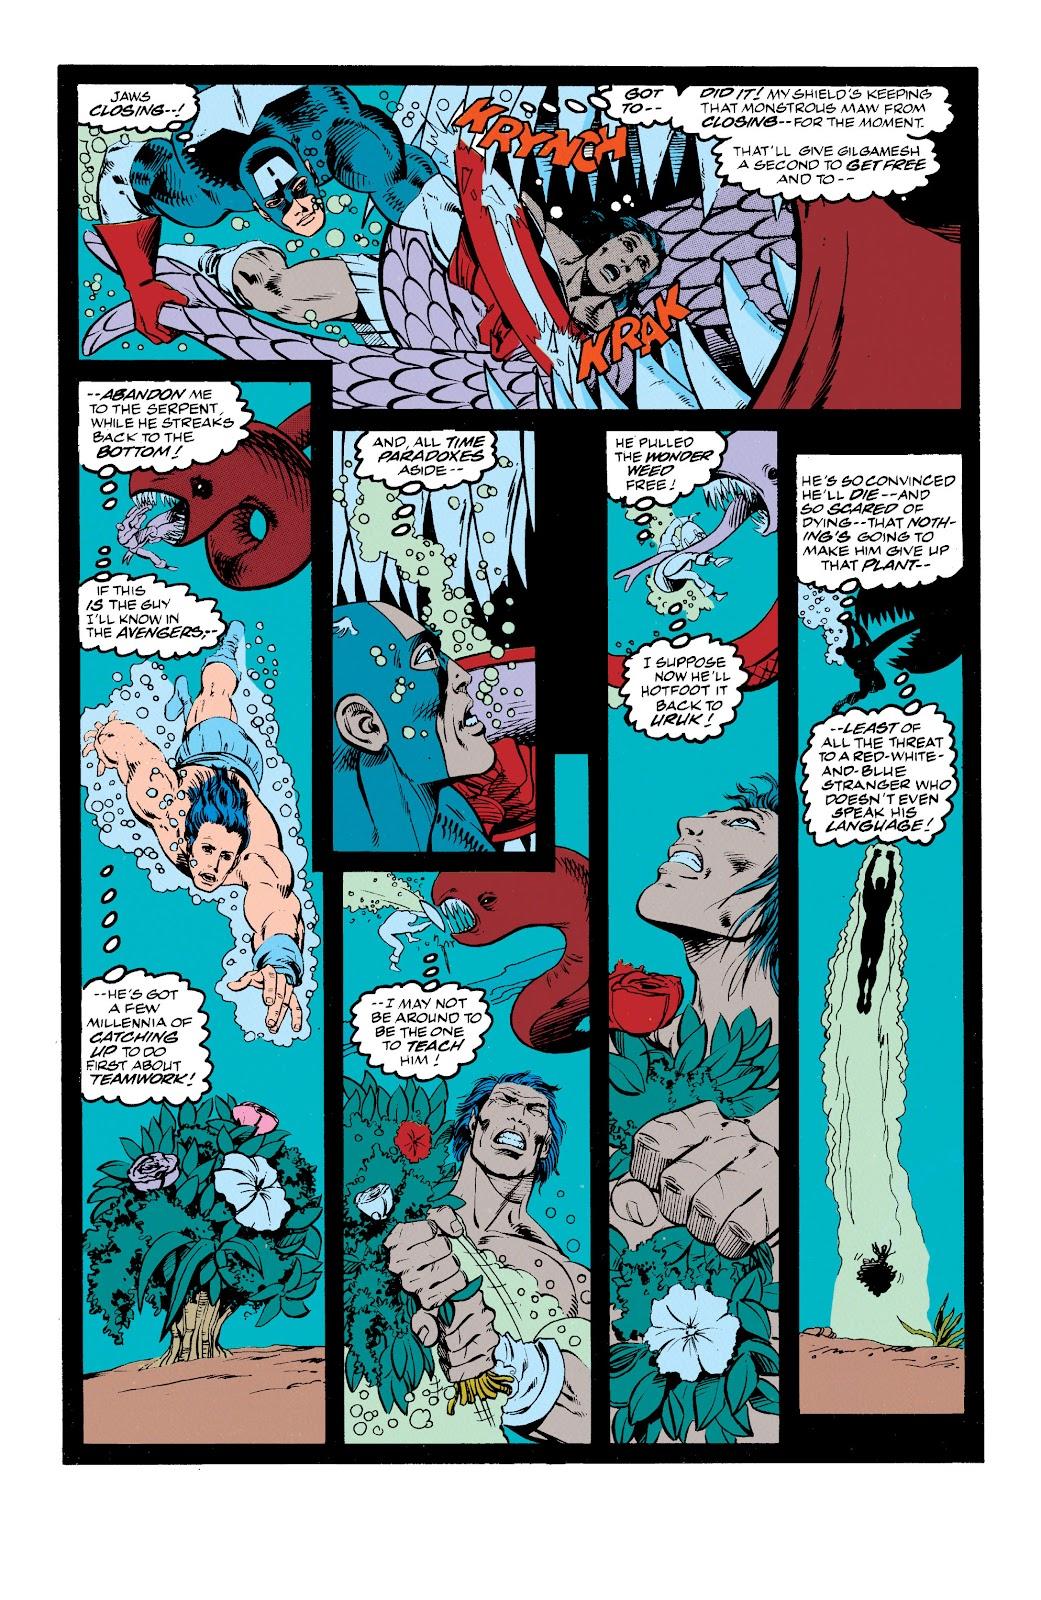 Read online Avengers: Citizen Kang comic -  Issue # TPB (Part 1) - 25